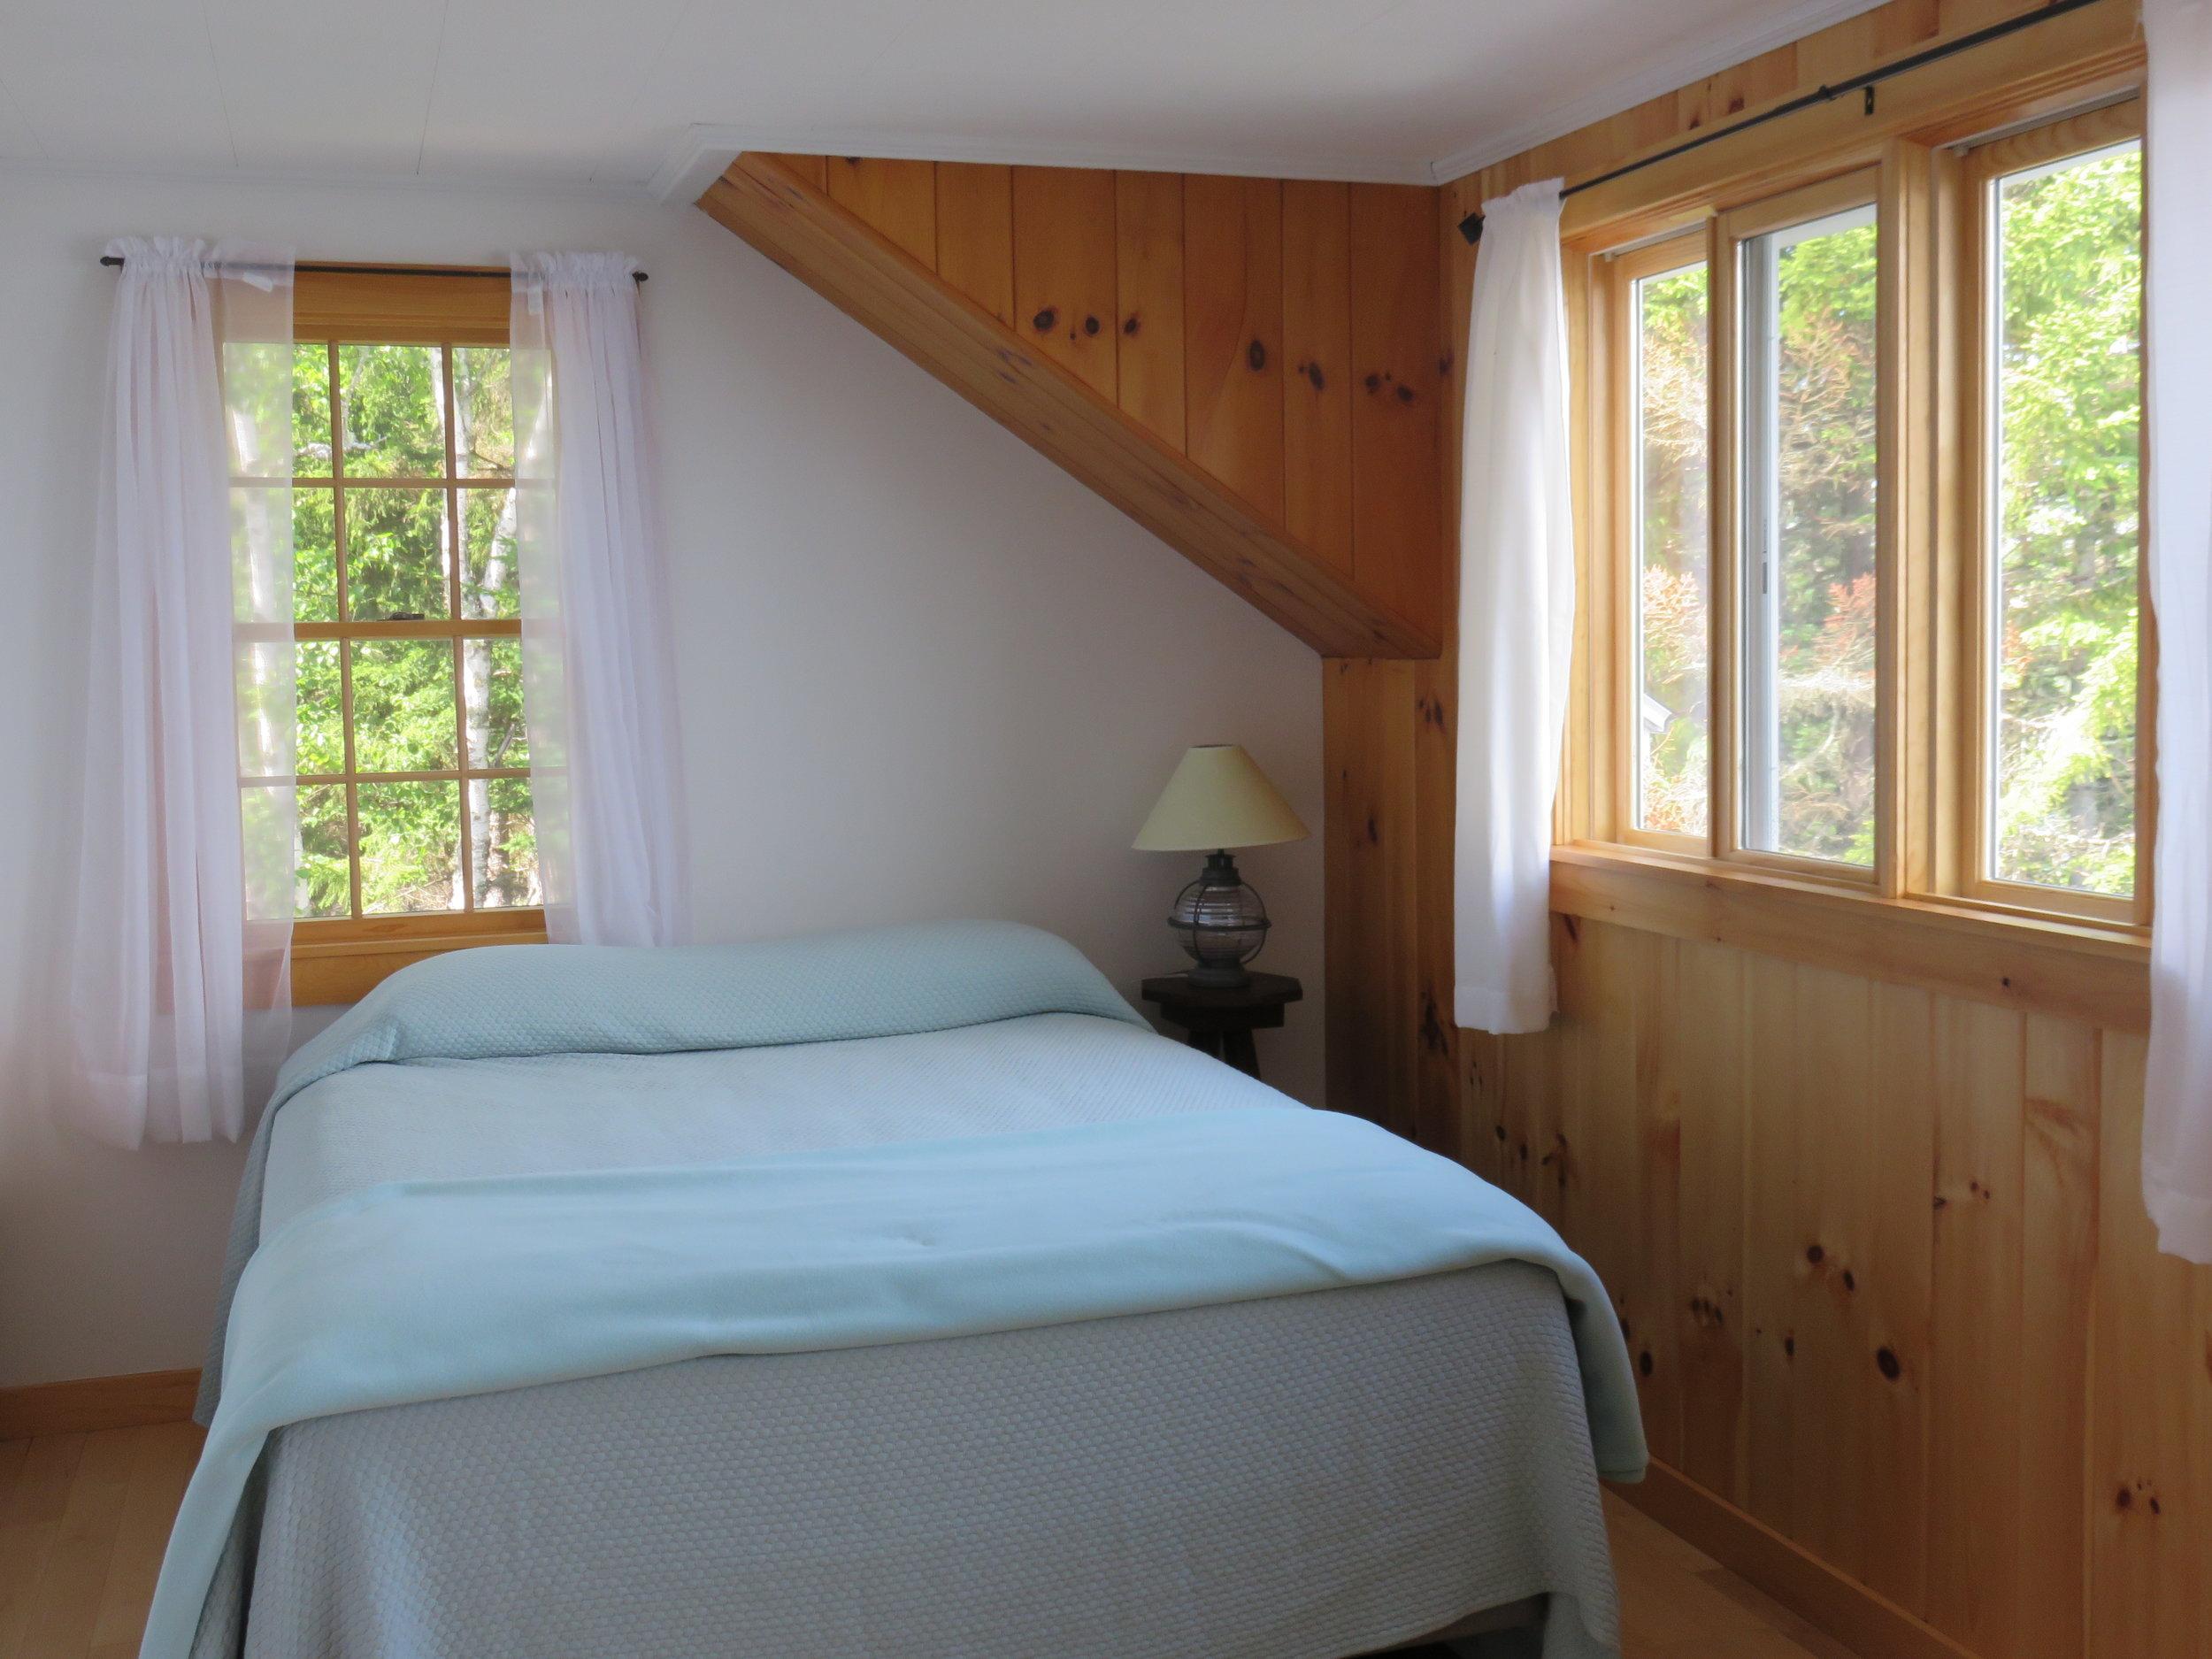 claires bedroom moss wood.JPG